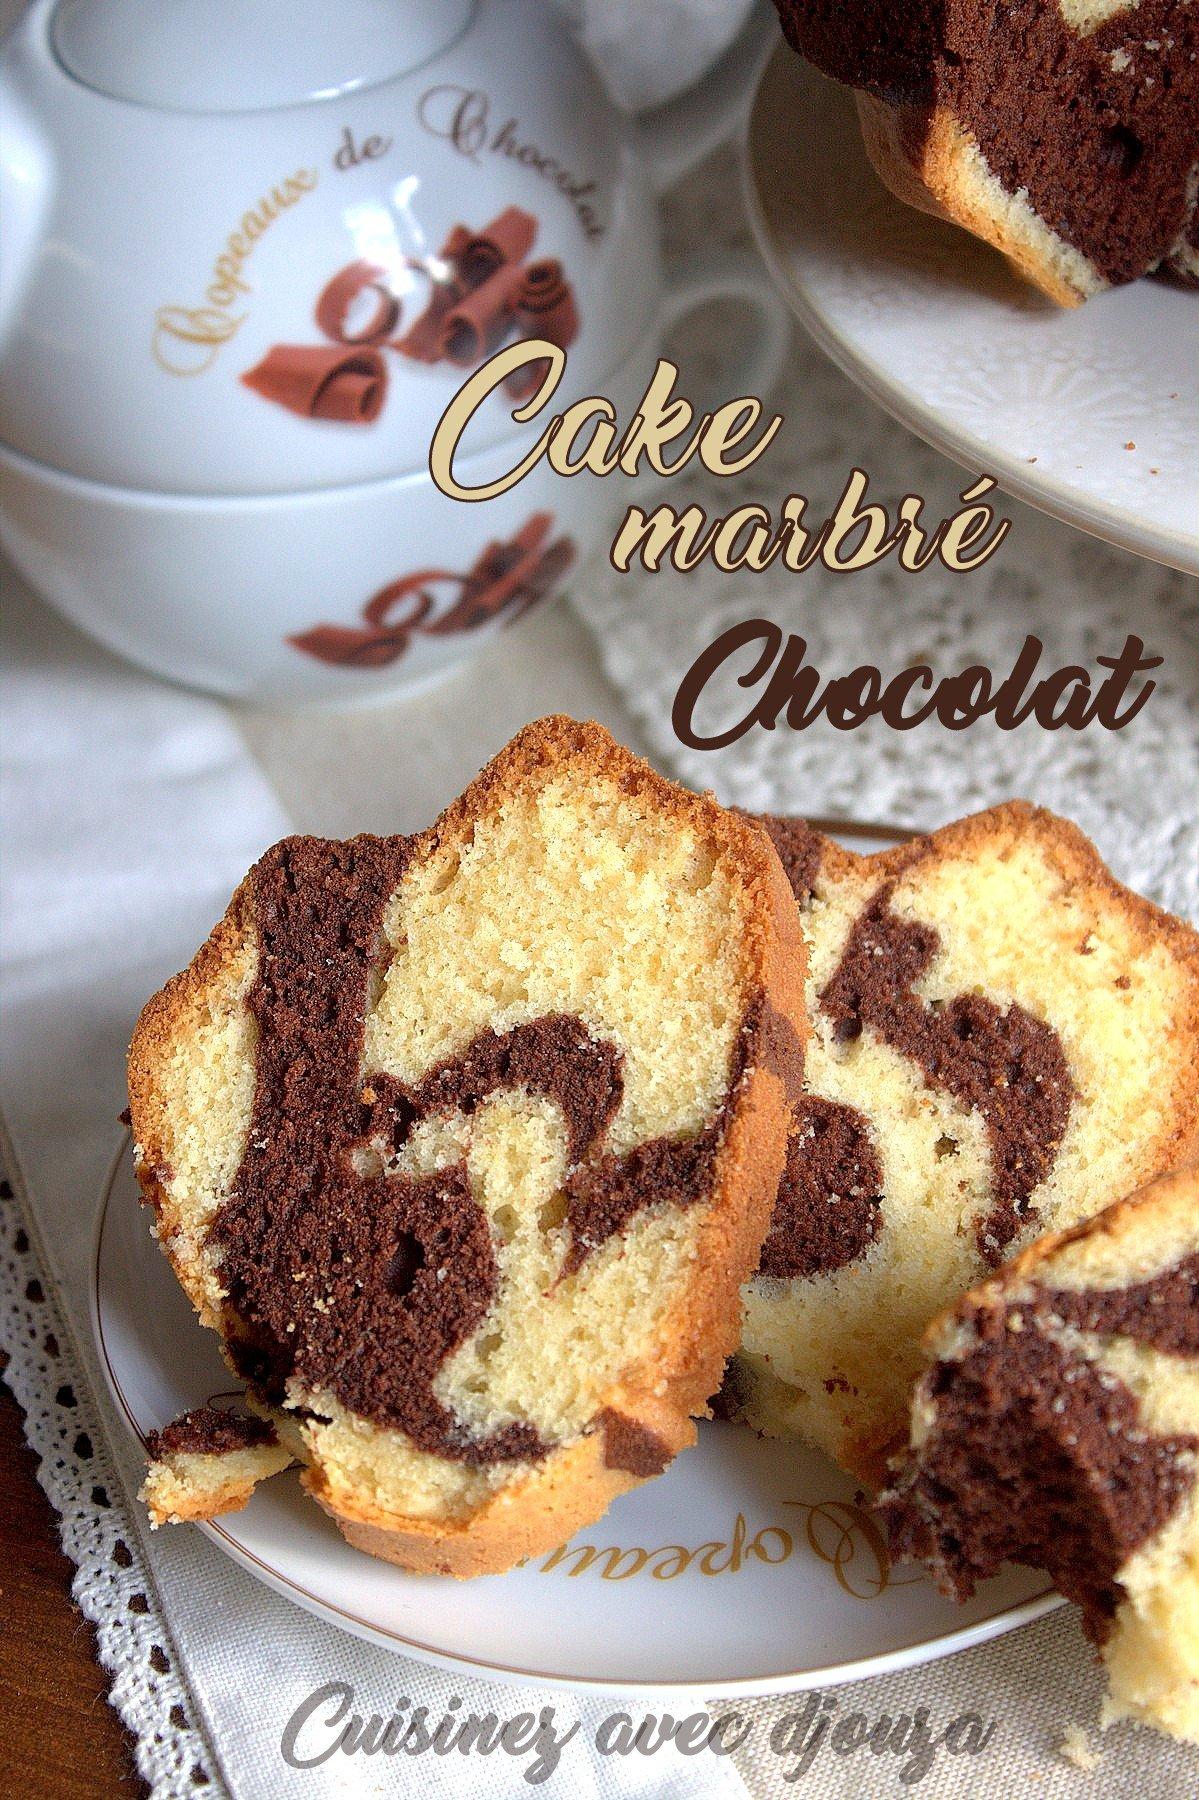 gateau vanille chocolat en poudre